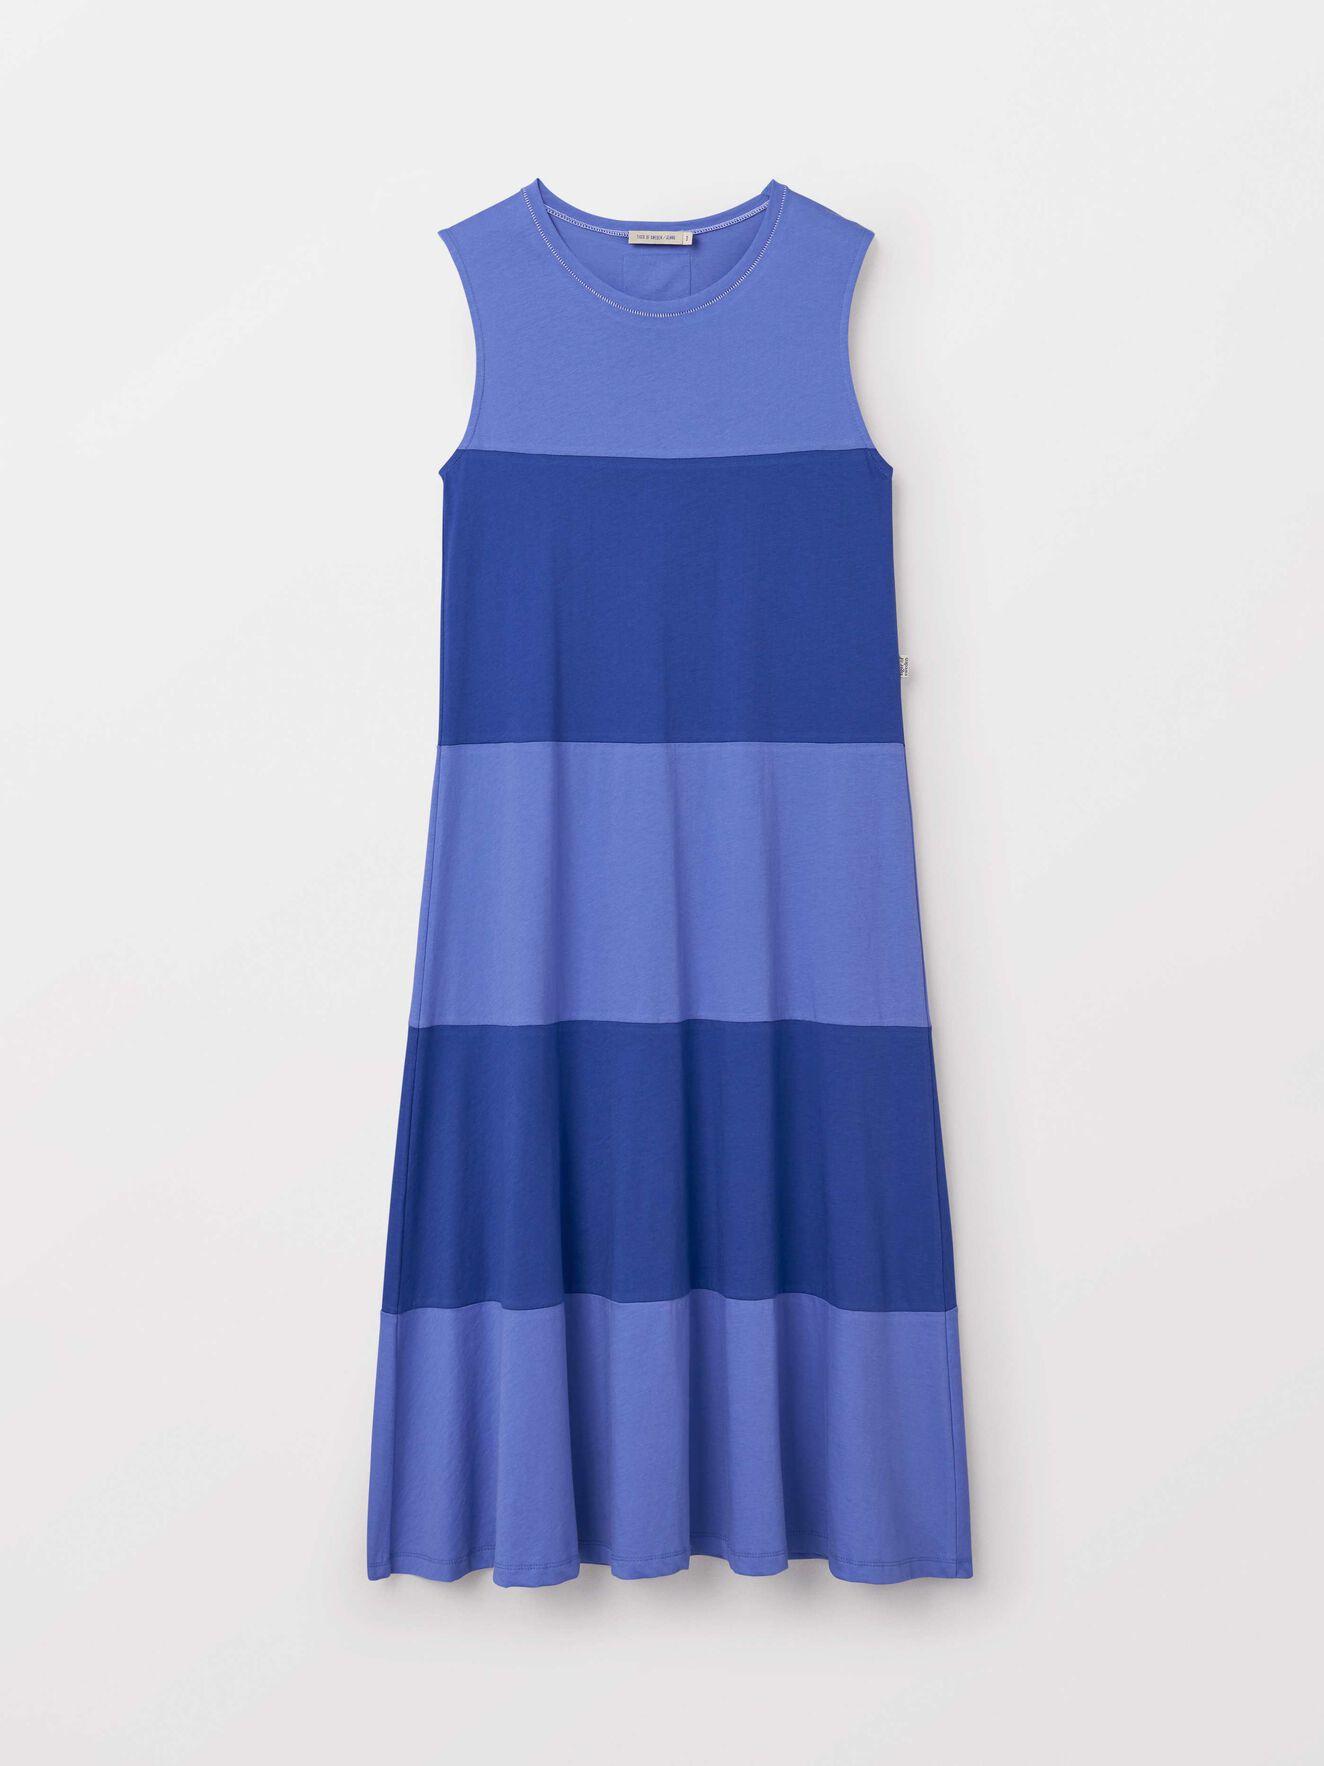 Henny Dress in Violet Storm from Tiger of Sweden